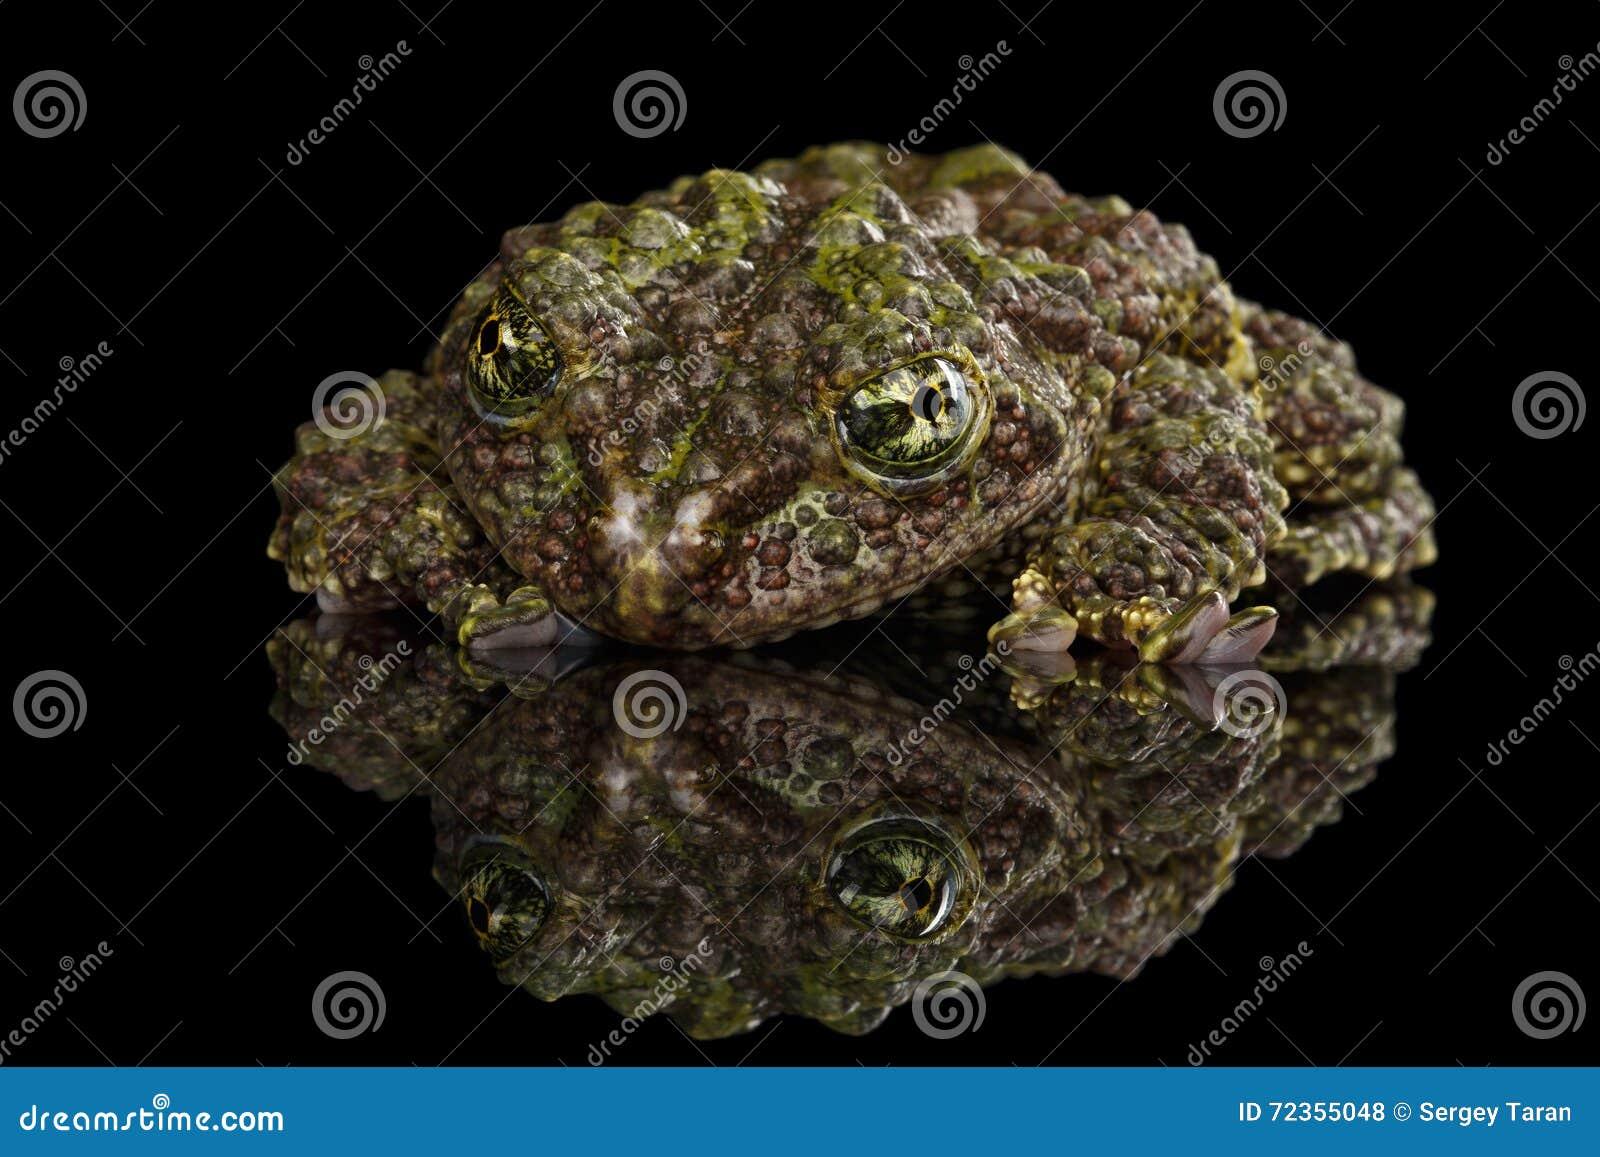 越南生苔青蛙, Theloderma corticale,汤金暴眼青蛙,被隔绝的黑色